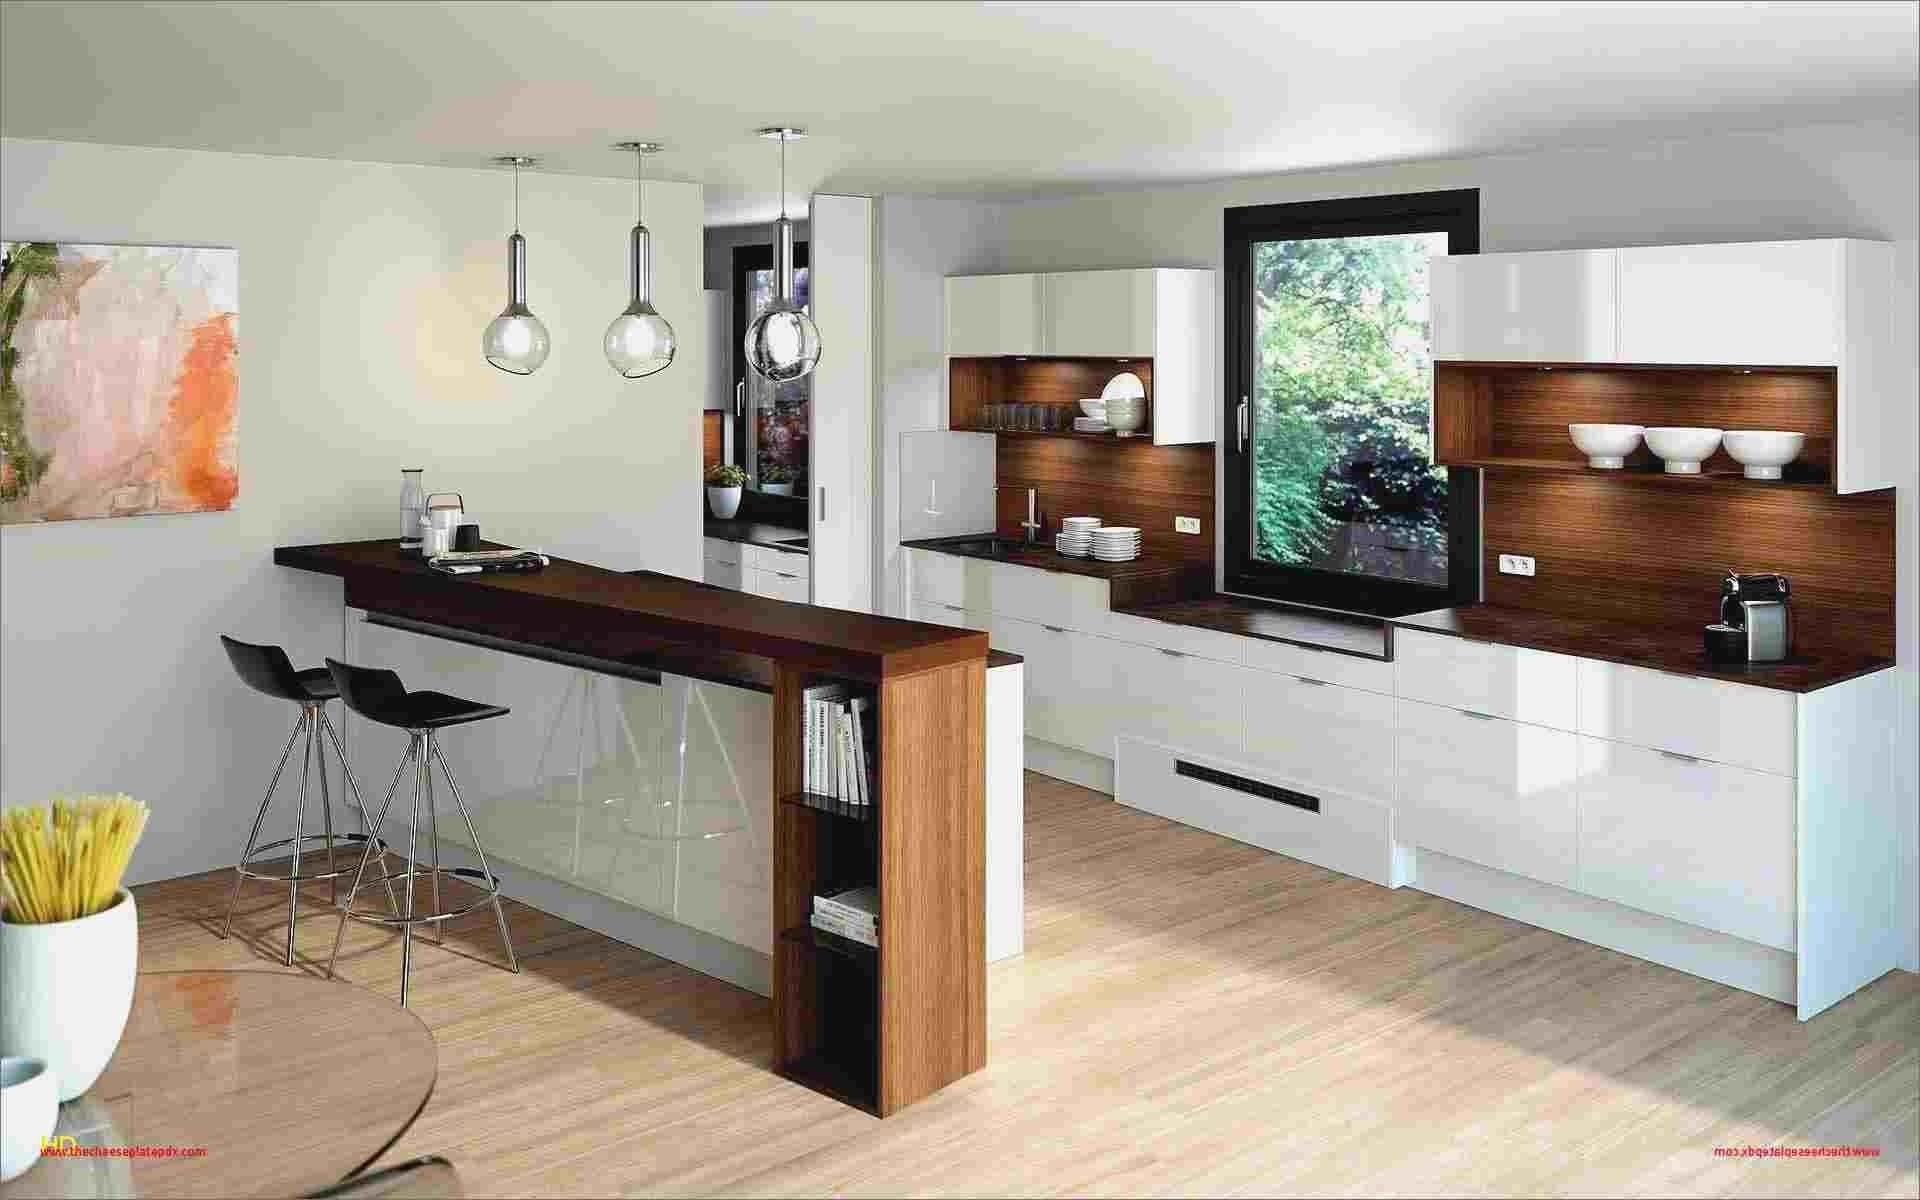 Full Size of Küche L Form Küche L Form Mit E Geräte Küche L Form Ohne Kühlschrank Küche L Form Hochglanz Küche Küche L Form